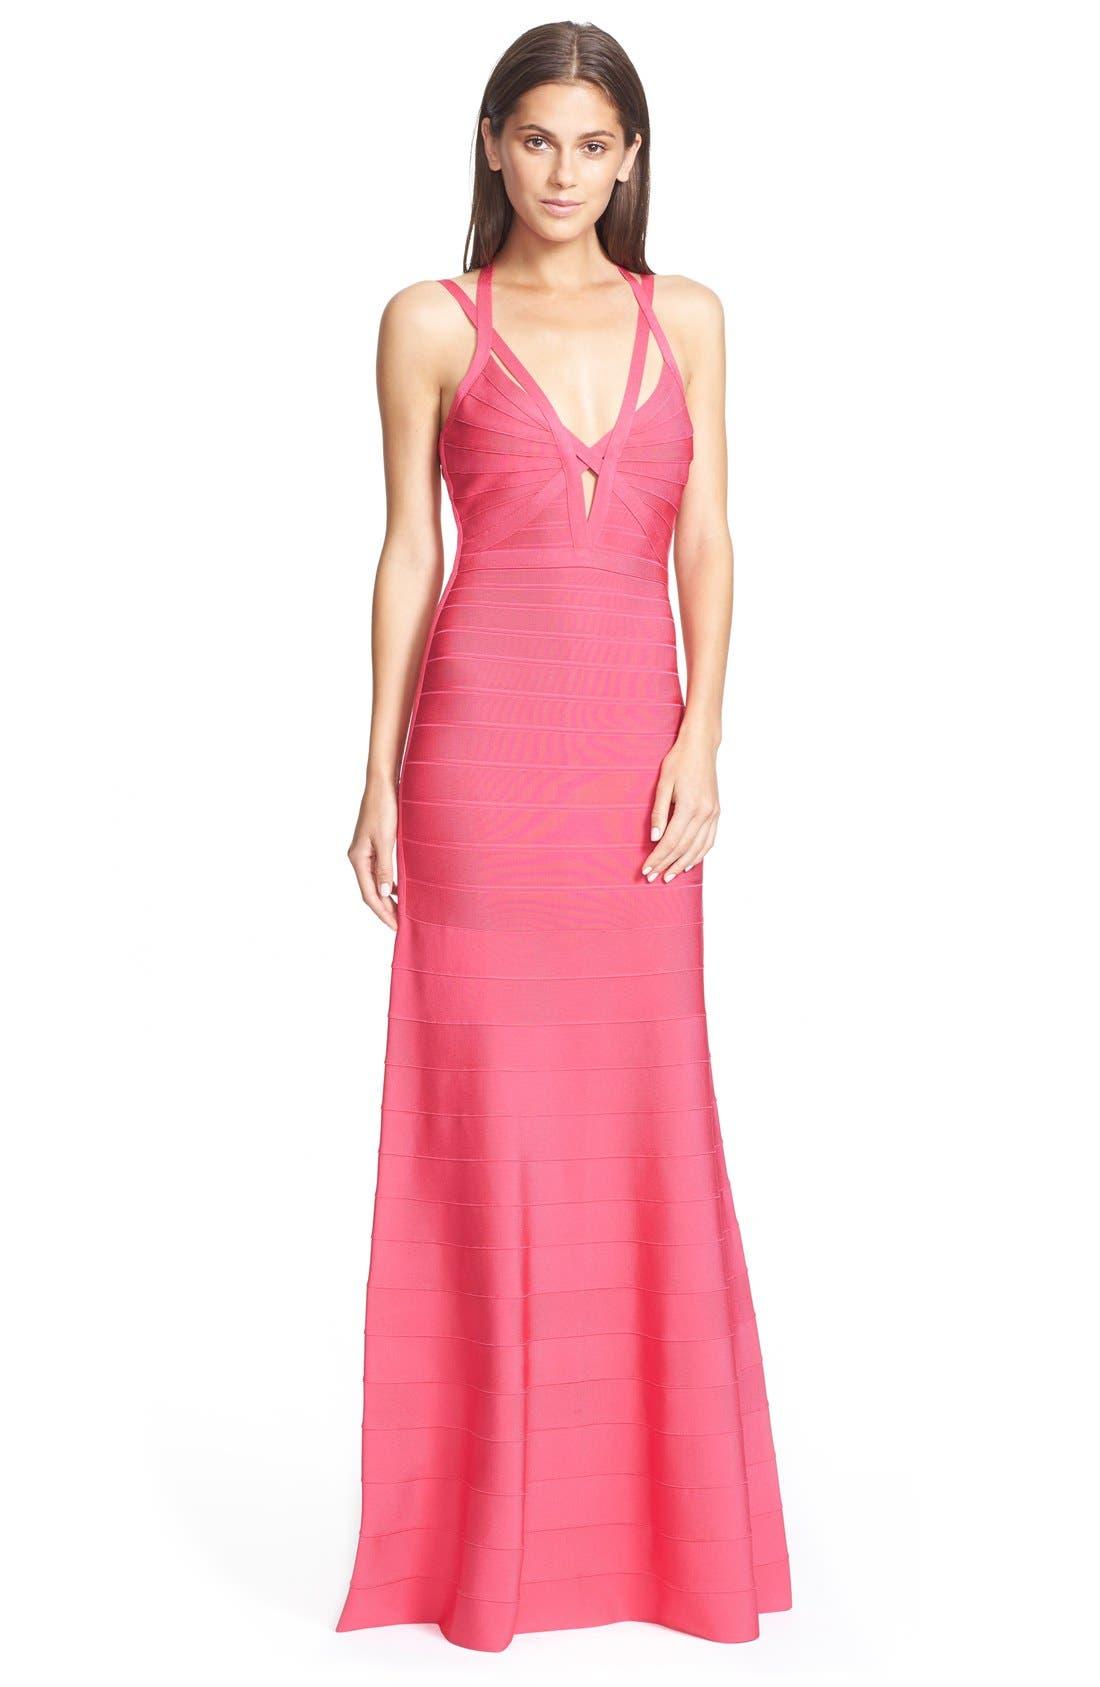 Main Image - HerveLeger 'Adalet' Mermaid Bandage Gown